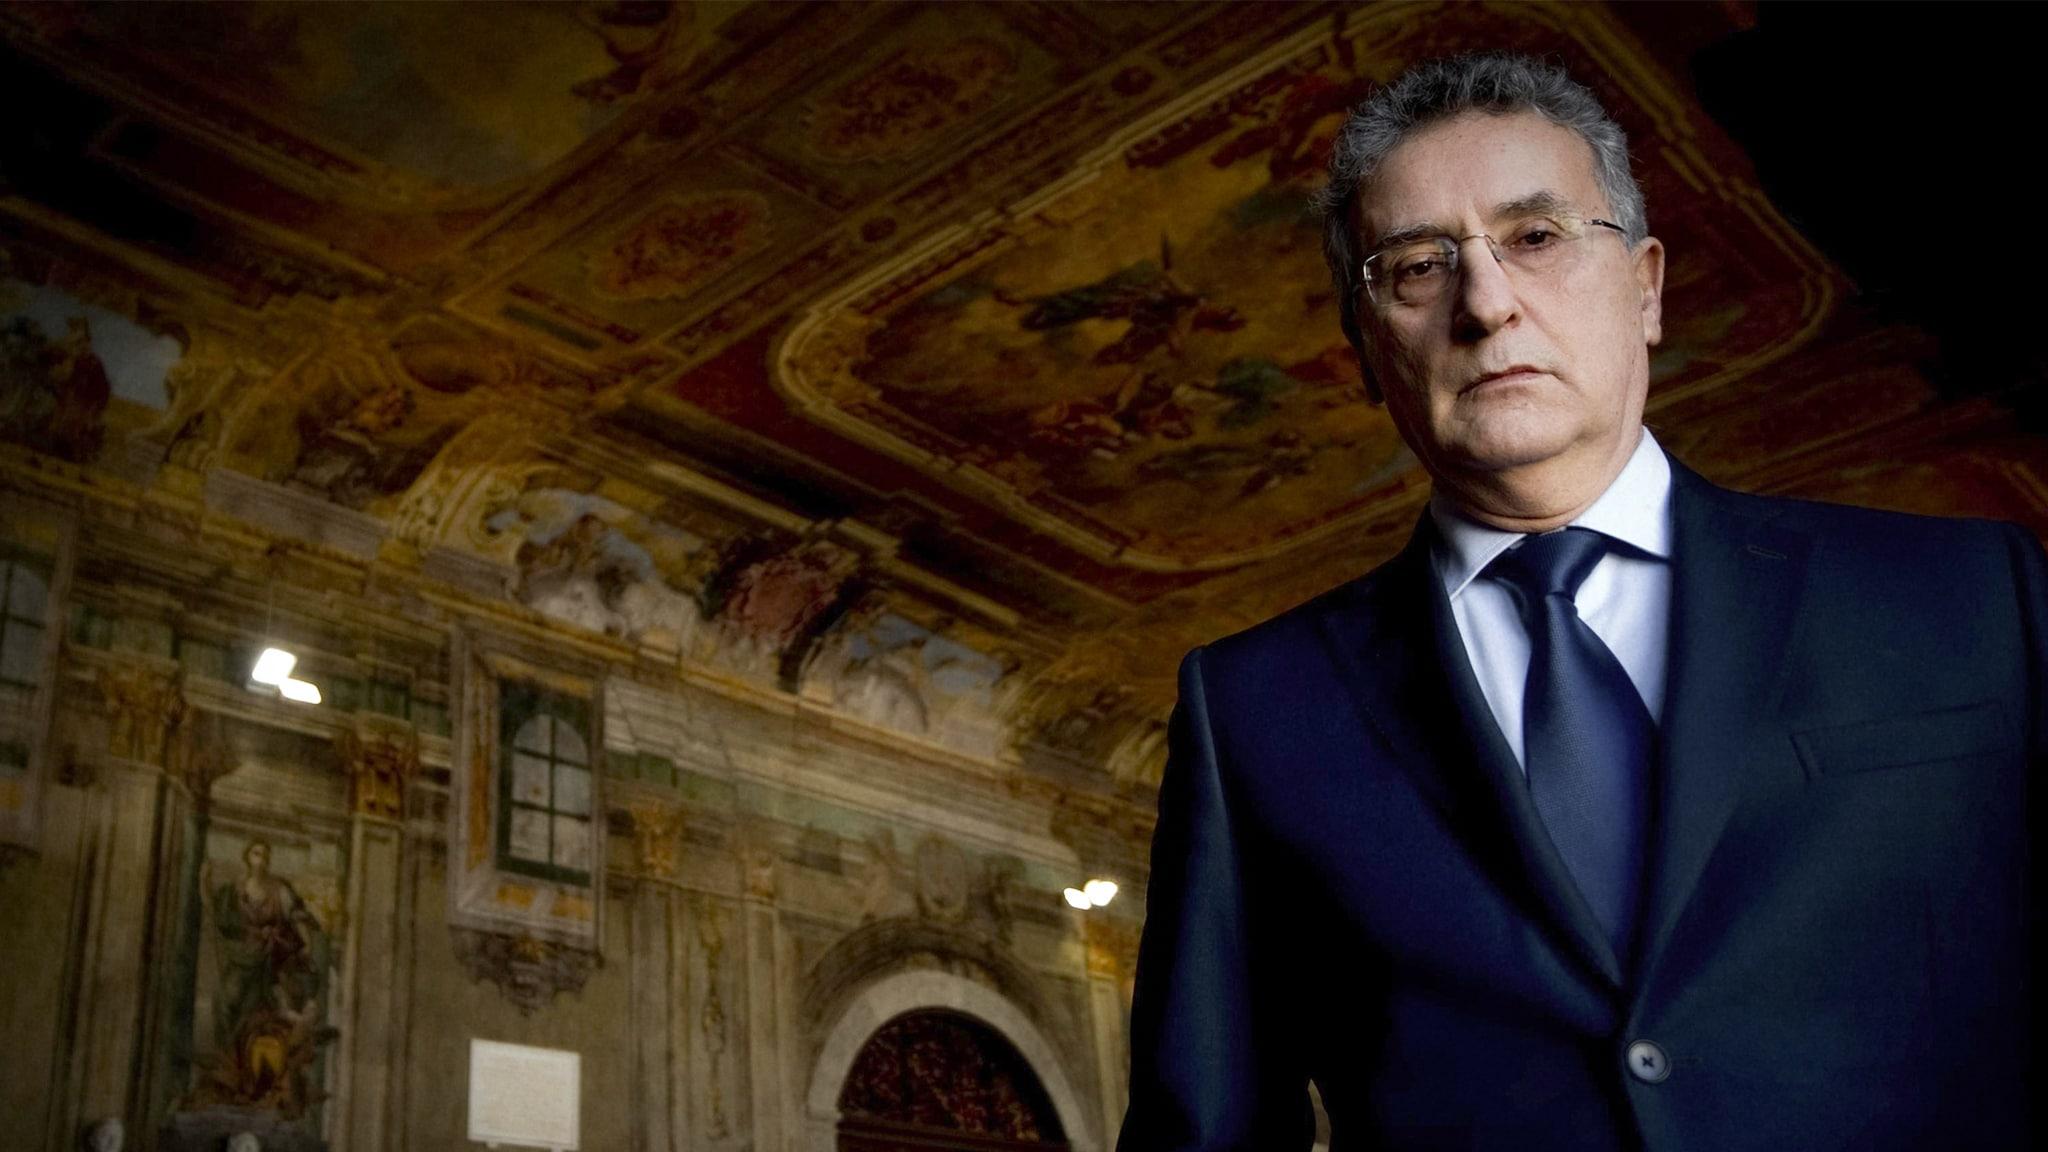 Rai Storia Diario Civile. Palermo come Beirut. Storia di Rocco Chinnici